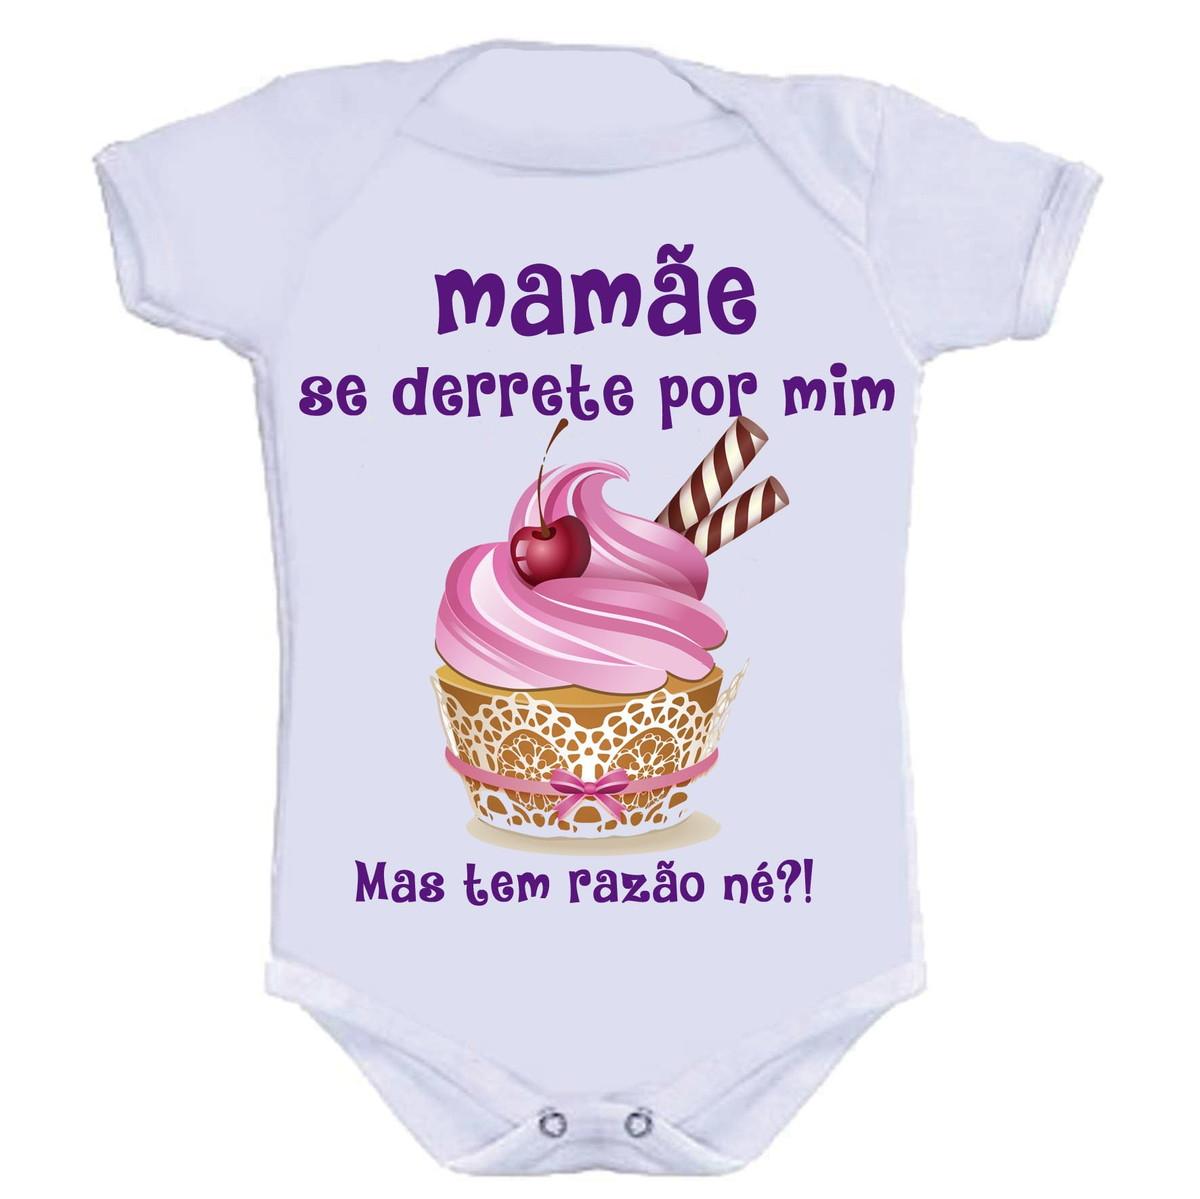 4afb3570d618 Body Divertido - Mamãe Se Derrete no Elo7 | KALUNDU KIDS (9CE0A4)